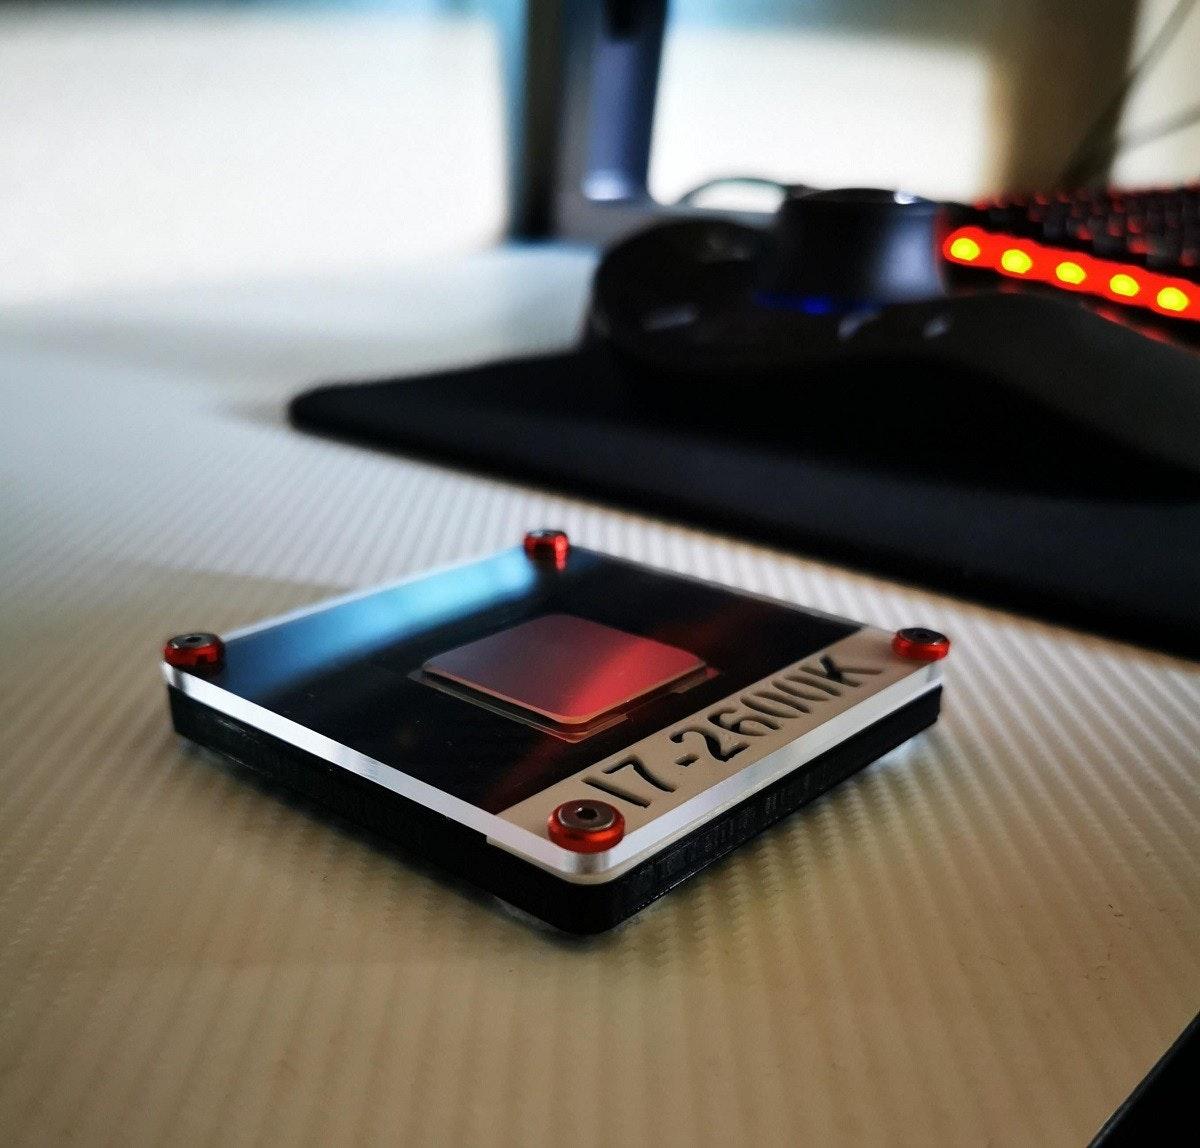 照片中提到了917-2600K,包含了電子產品、PC大師賽、中央處理器、電腦、個人電腦